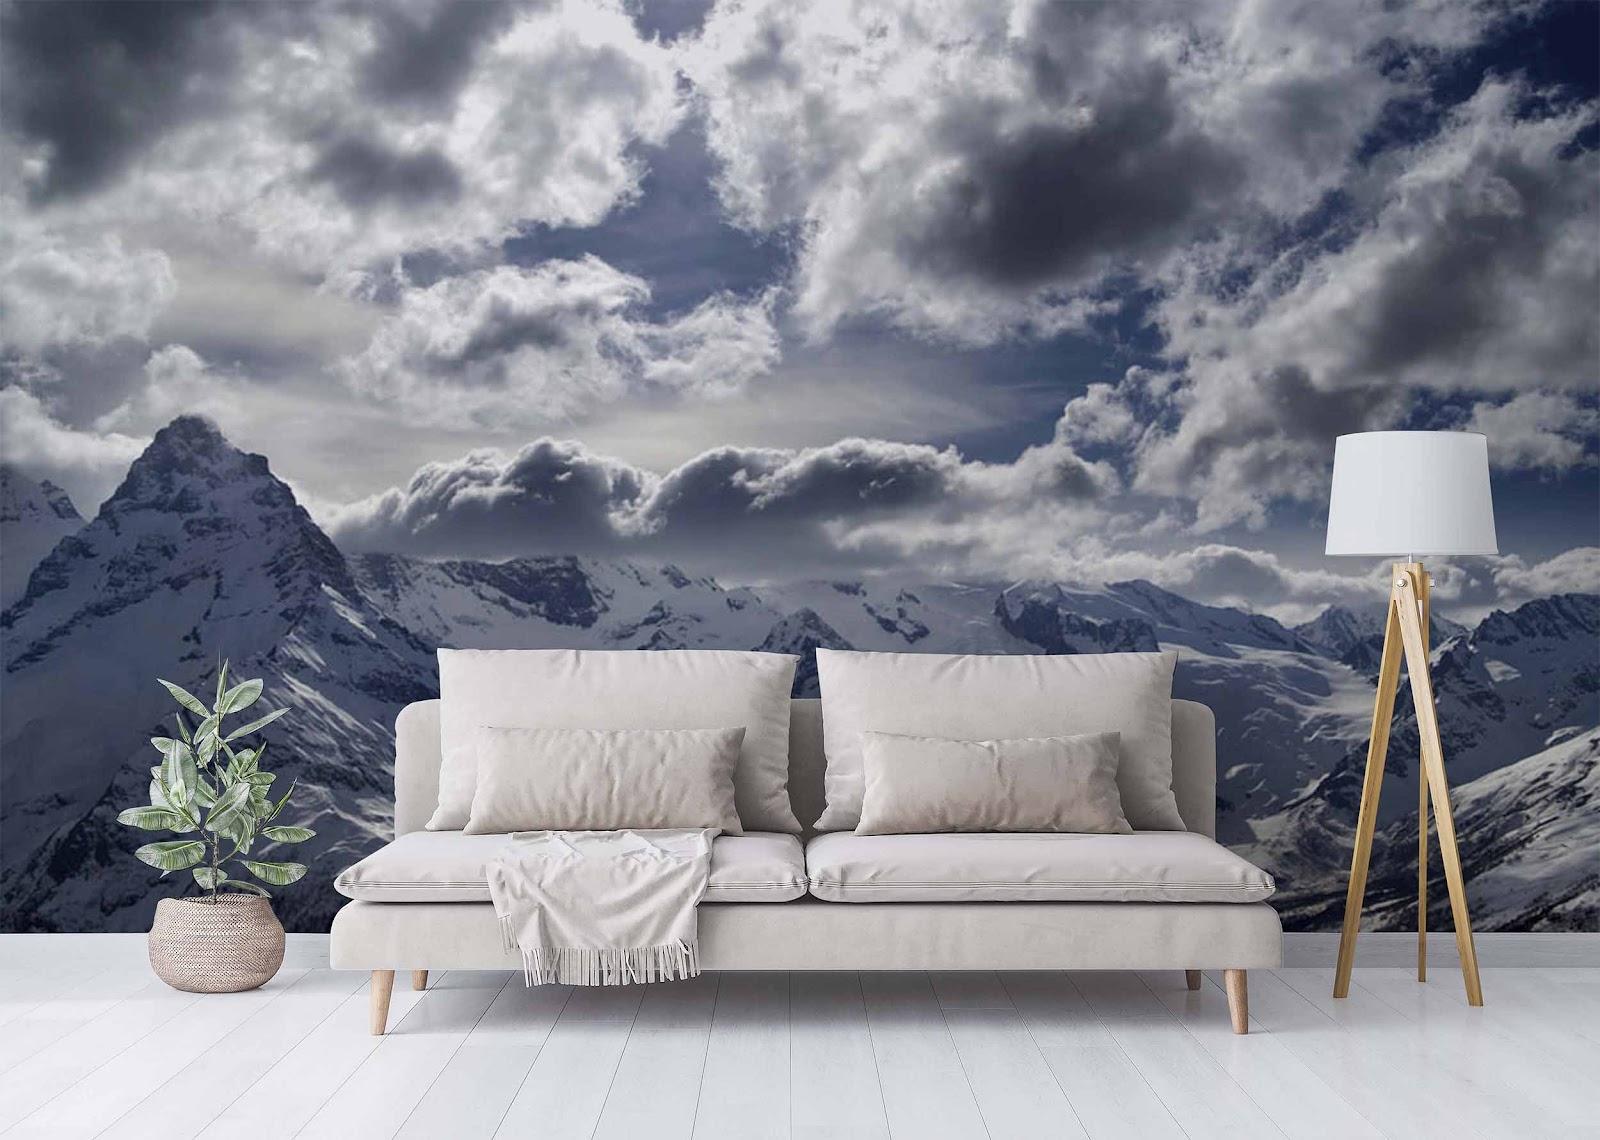 Фотообои с панорамой гор в интерьере гостиной